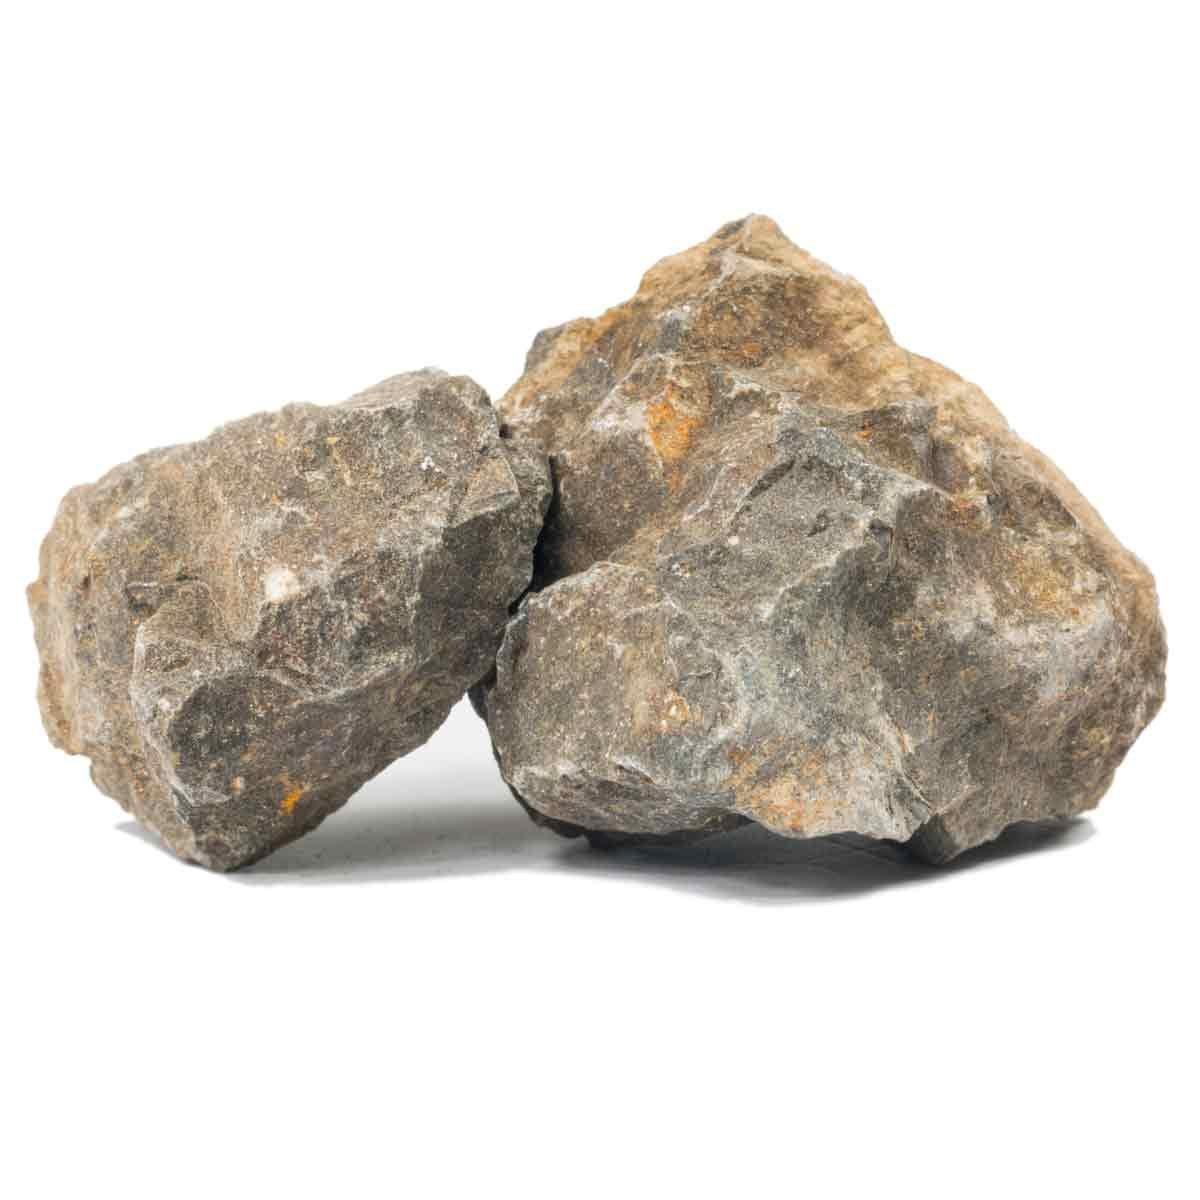 Basalt-rock-isolate-on-white